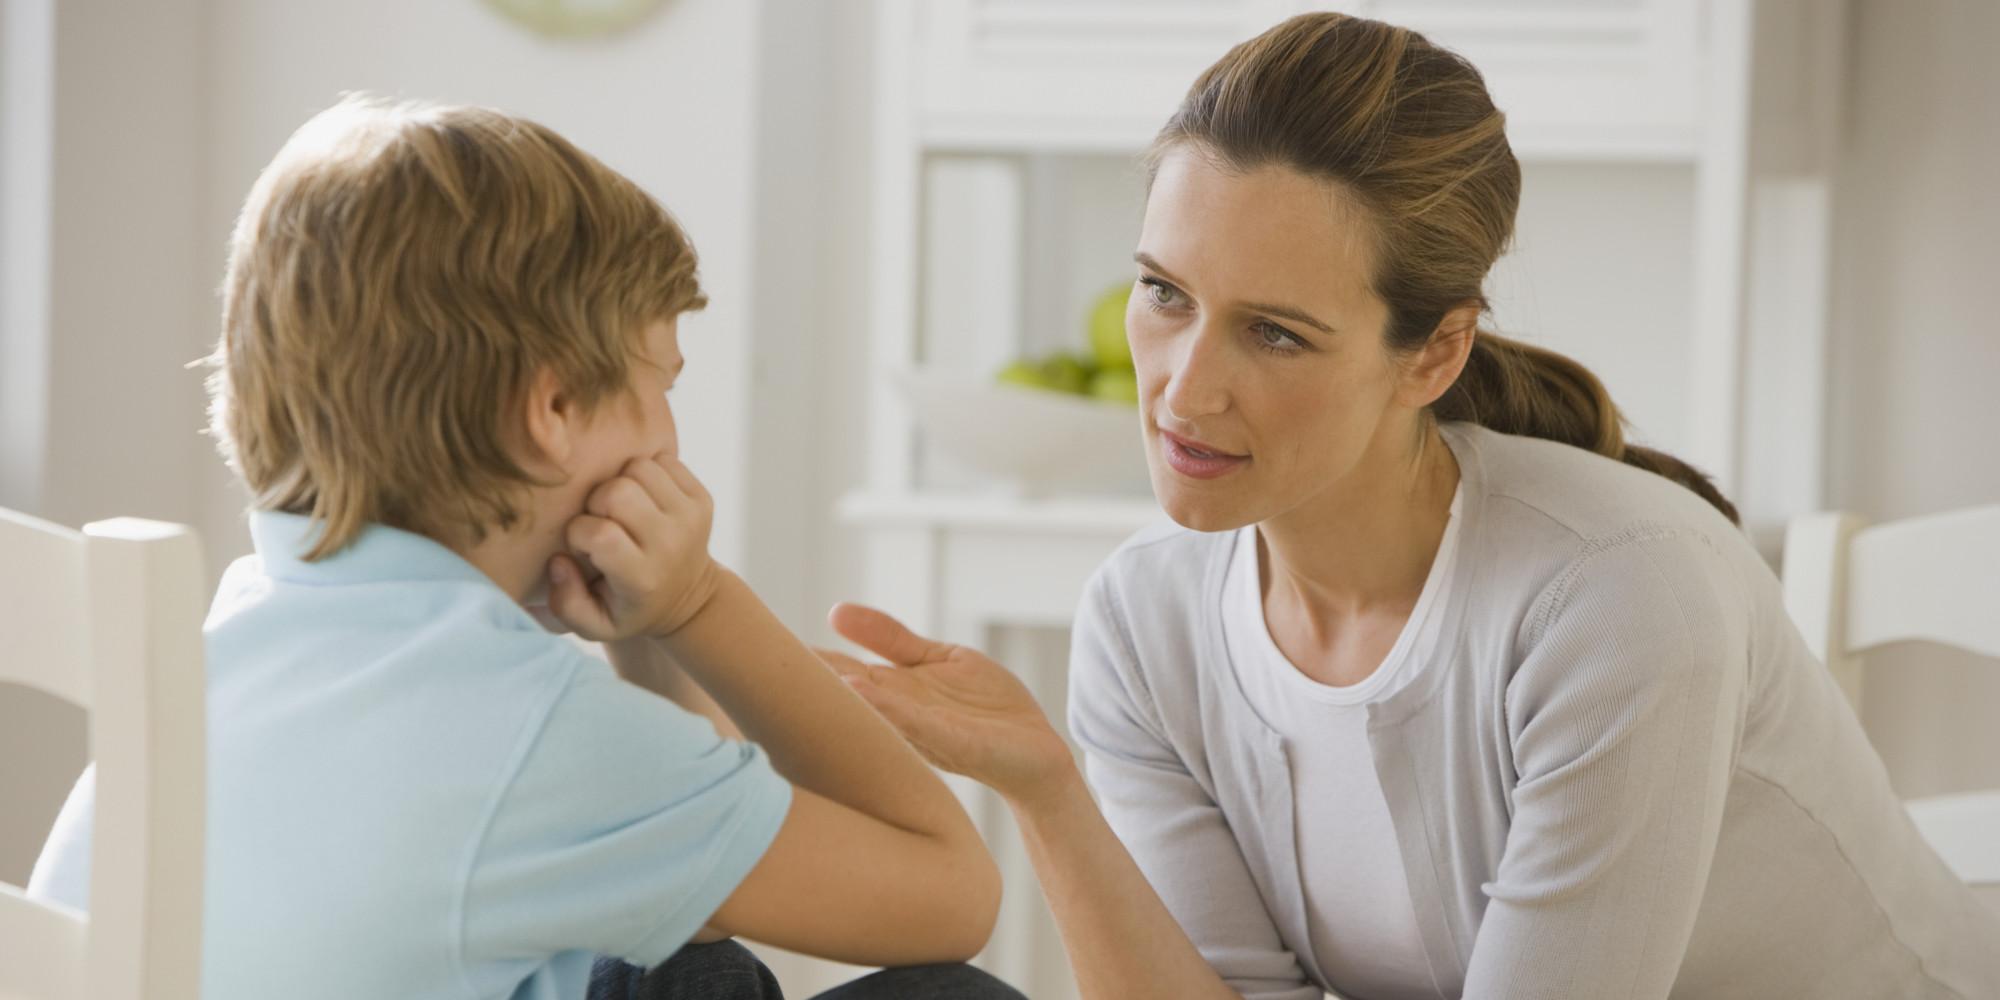 نصائح للتعامل مع الطفل المشاغب (2)